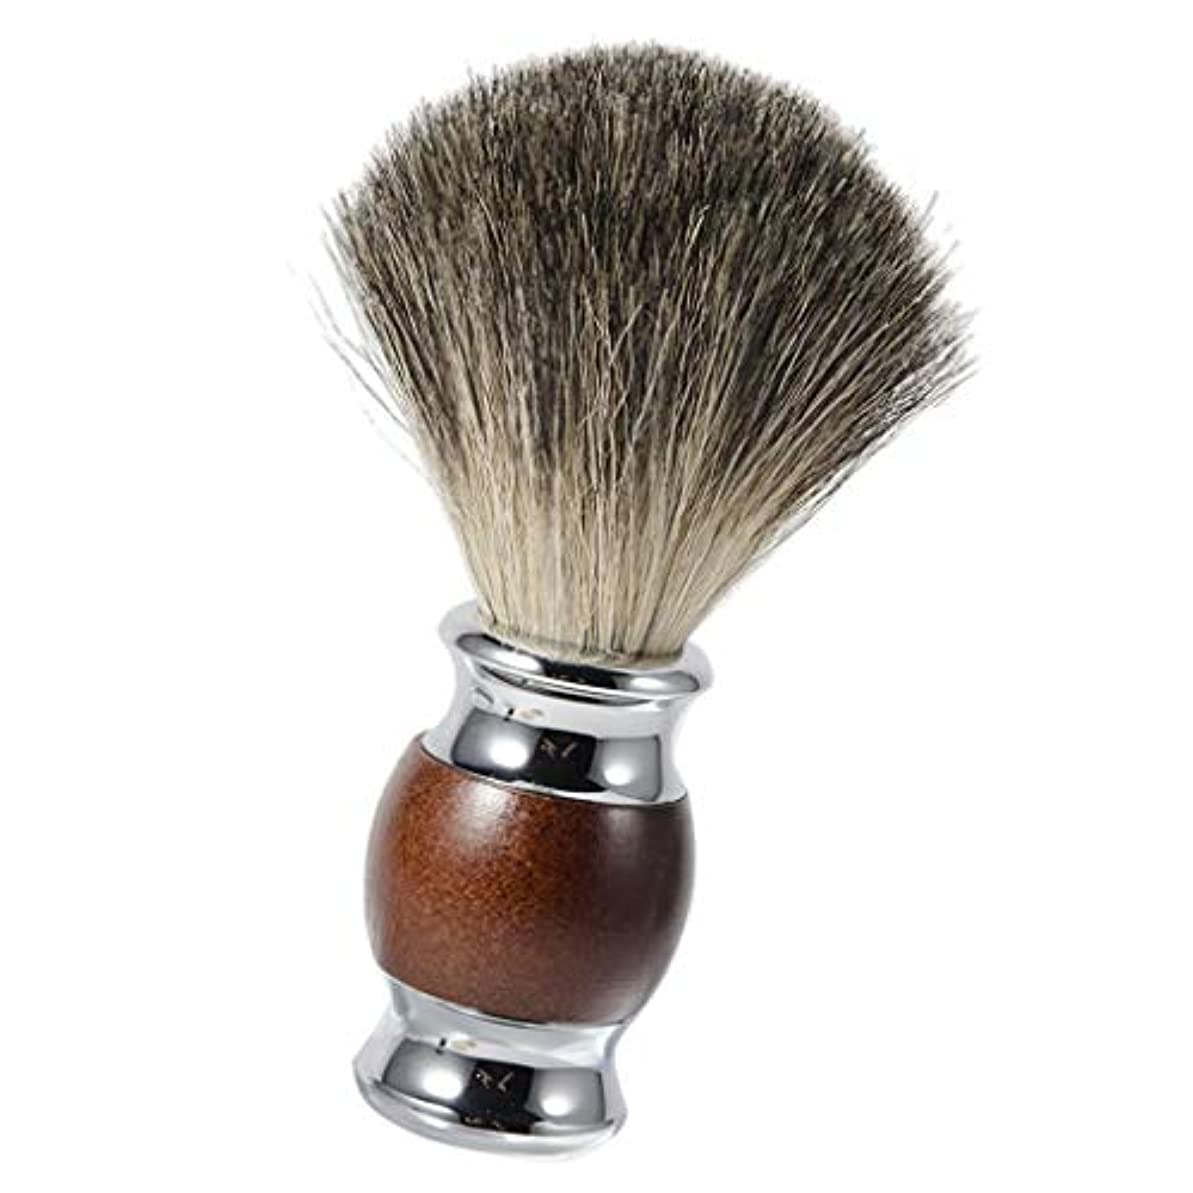 ホイットニー子猫あいさつBaoblaze ひげブラシ シェービングブラシ 木製ハンドル 理容 洗顔 髭剃り 泡立ち メンズ用 友人にプレゼント